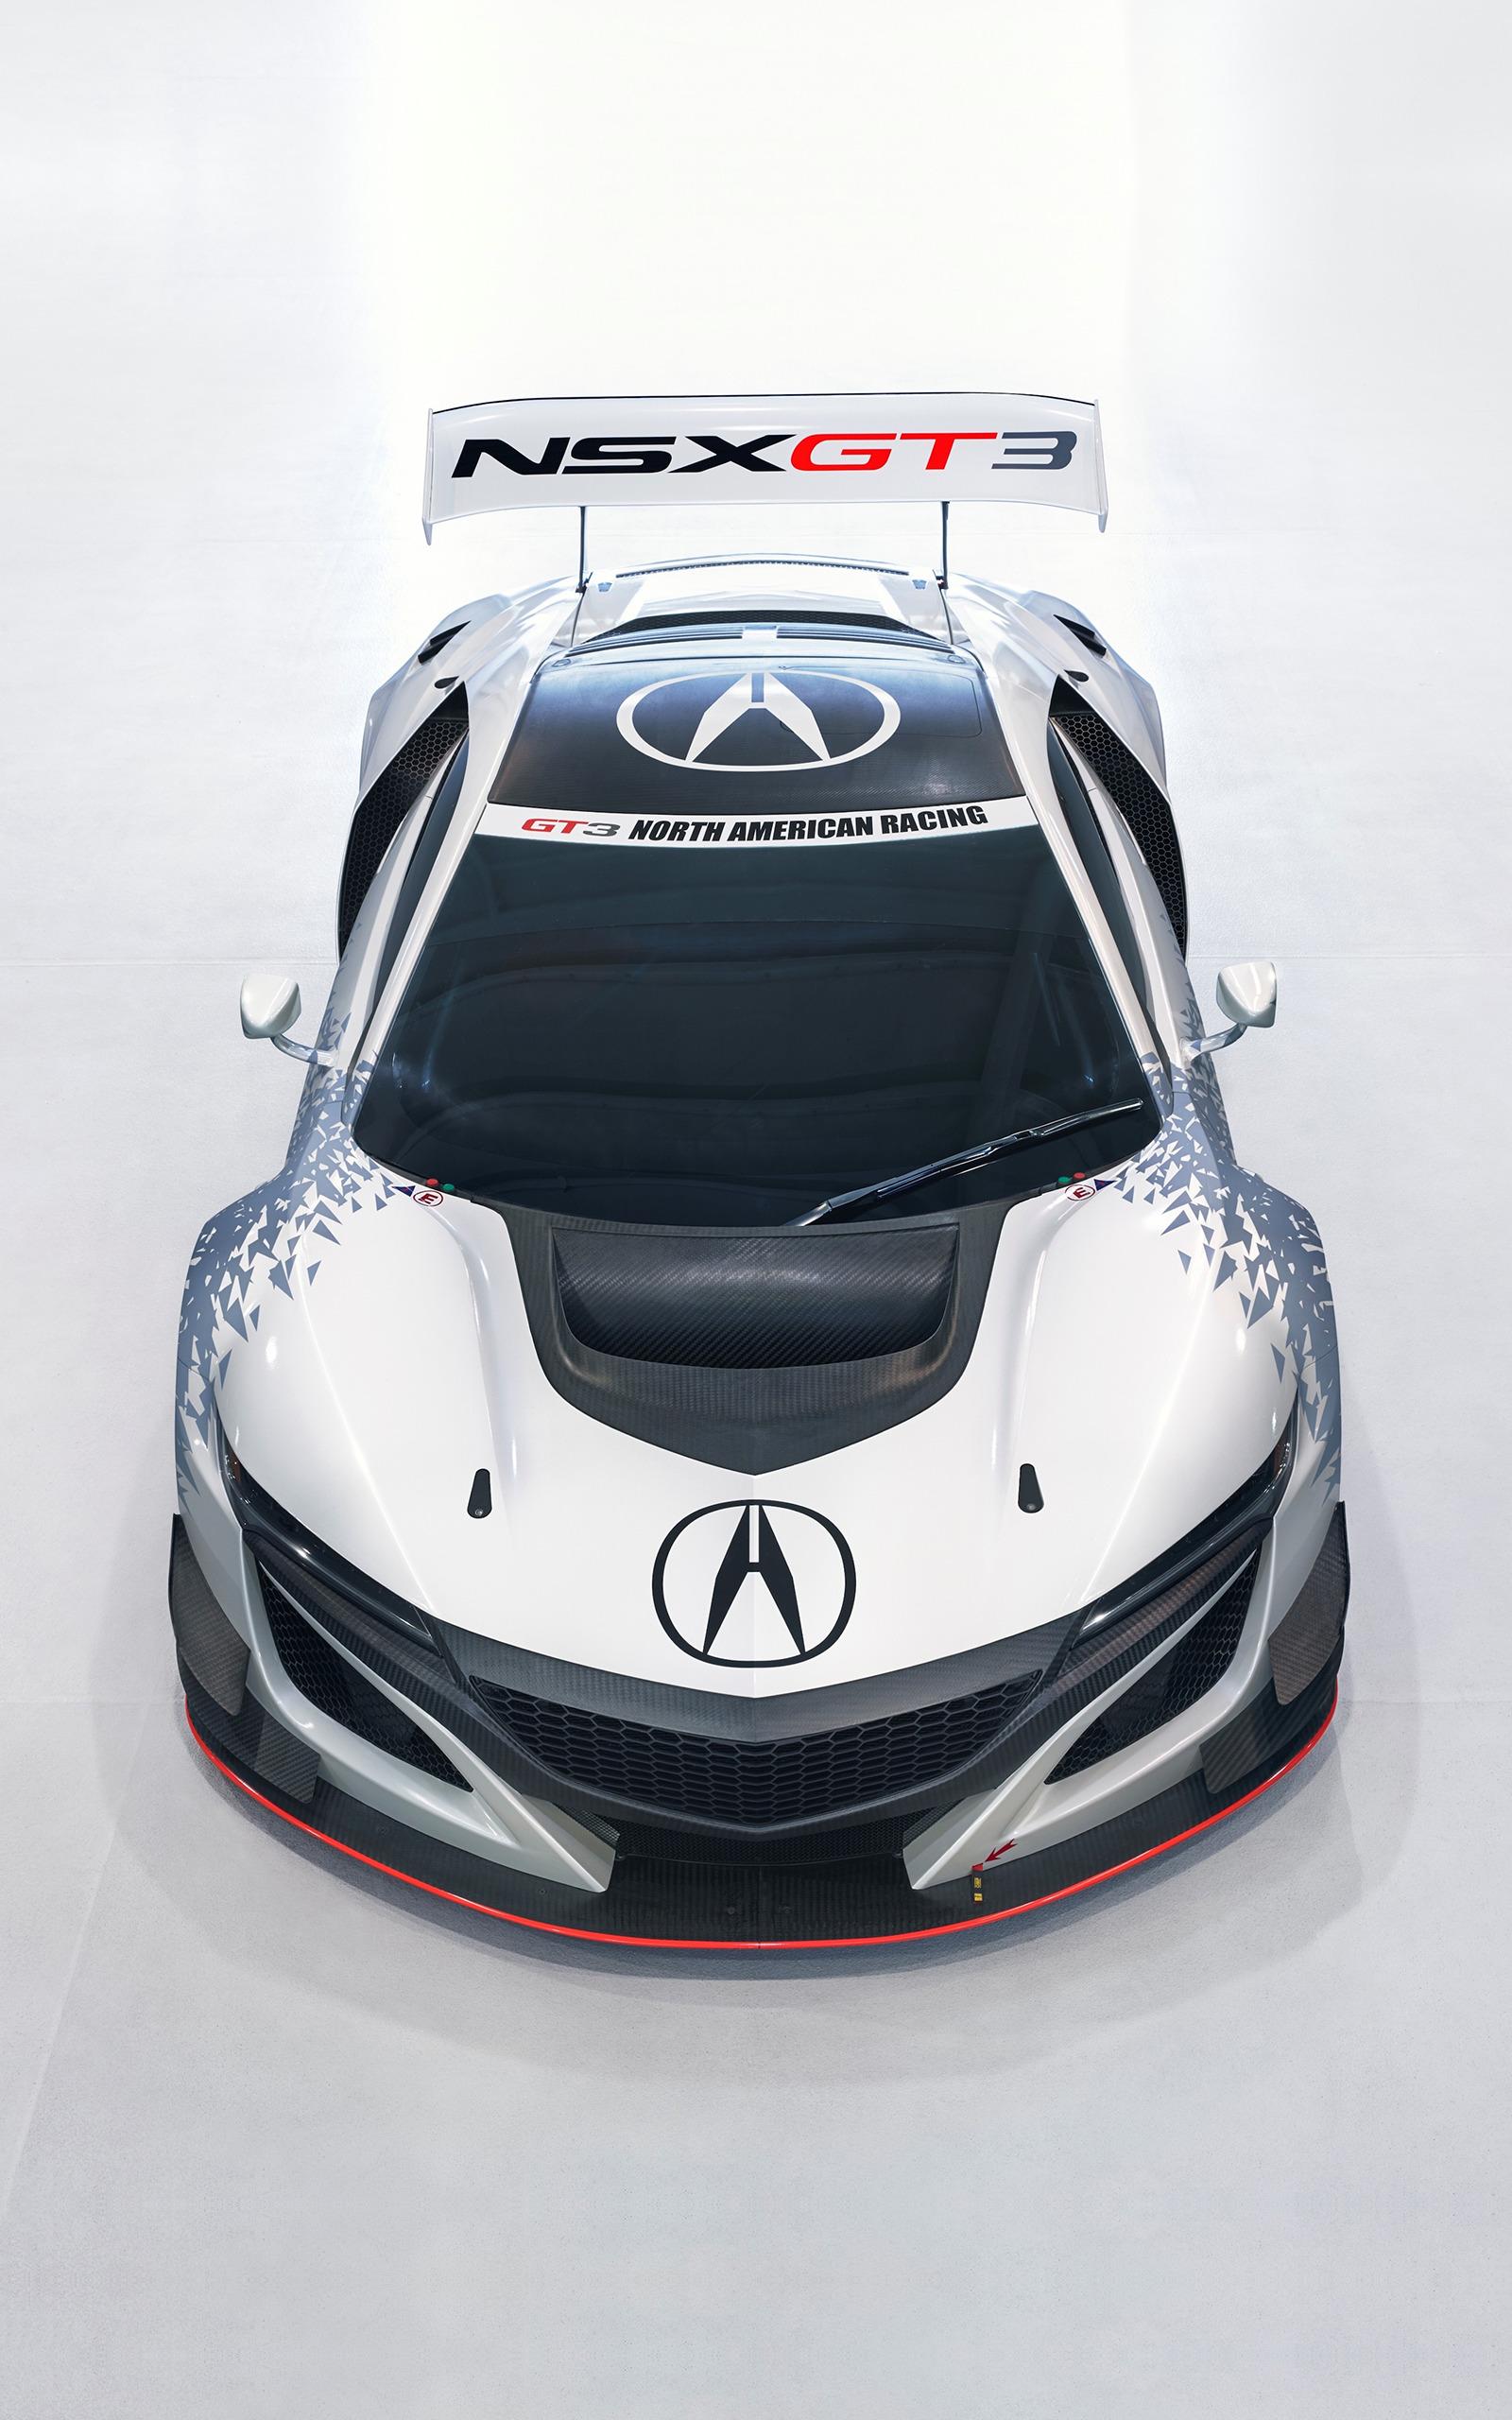 Race Car Anime Wallpaper Acura Nsx Race Cars Vehicle Car Portrait Display